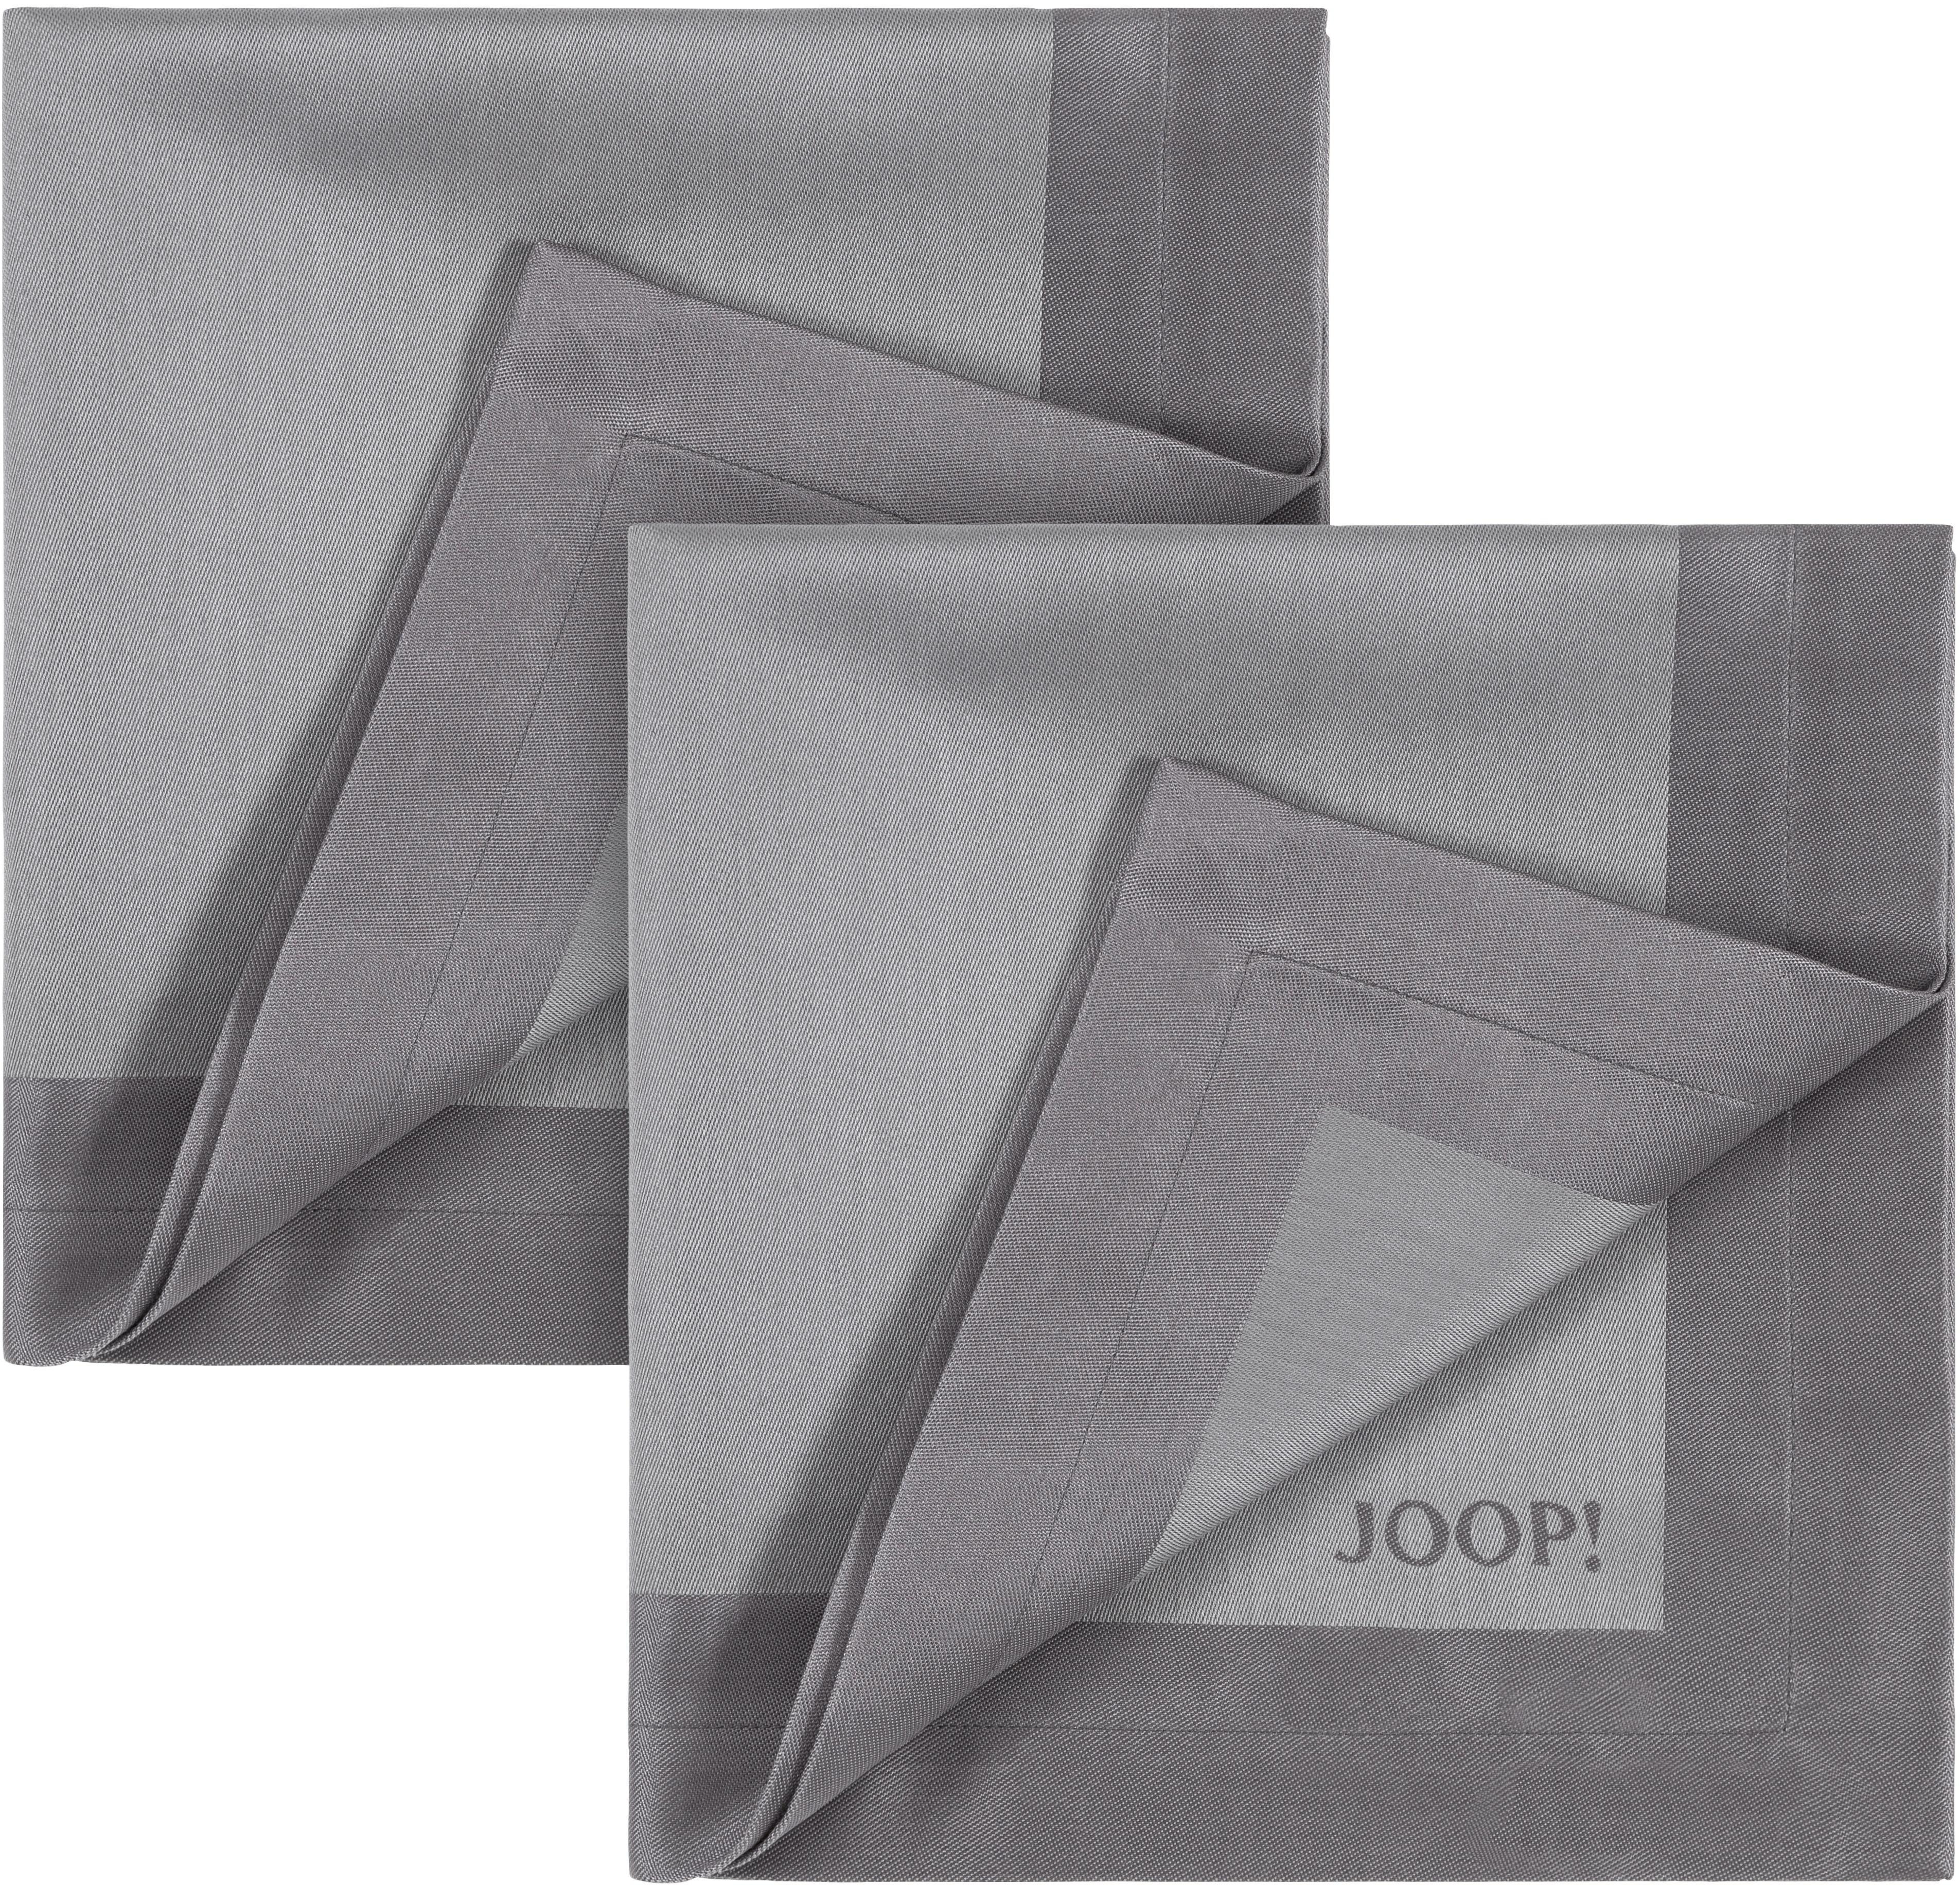 Joop! Joop Stoffserviette SIGNATURE, Aus Jacquard-Gewebe gerfertigt mit JOOP Logo-Dekor silberfarben Stoffservietten Tischwäsche